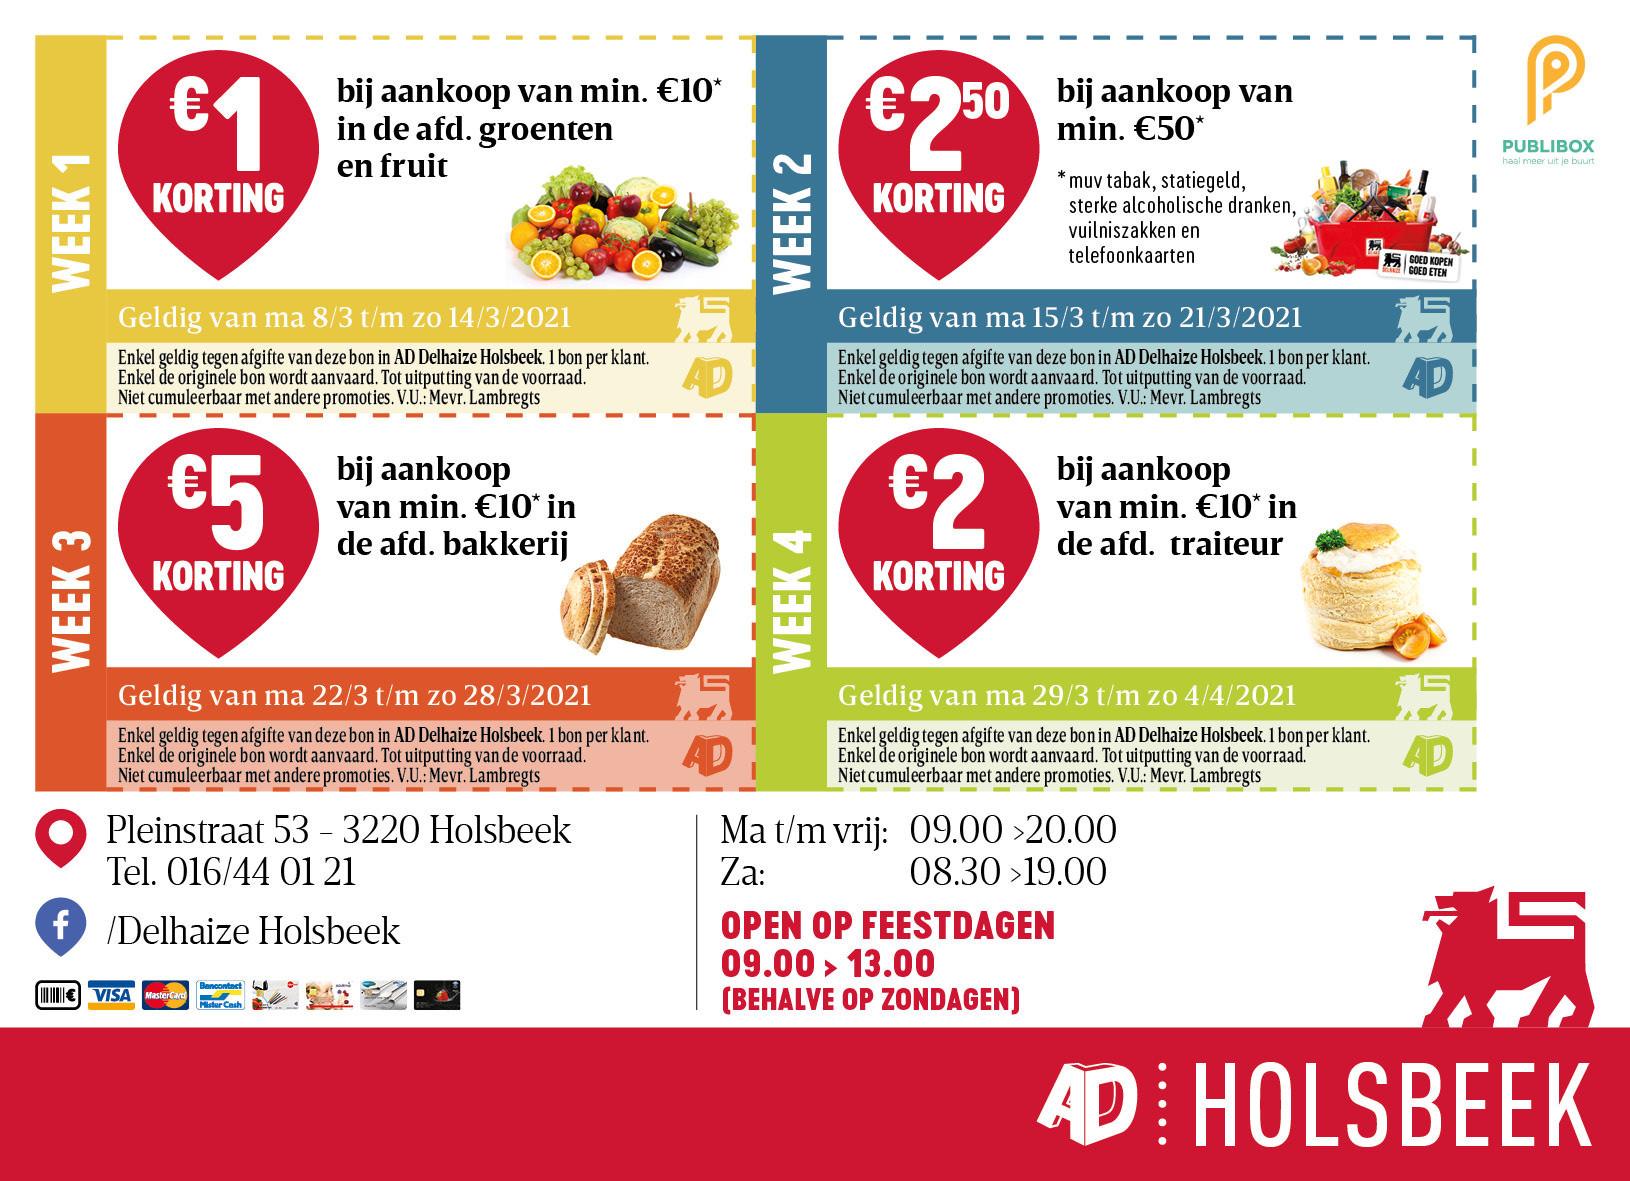 AD_HOLSBEEK_VJ2021.jpg